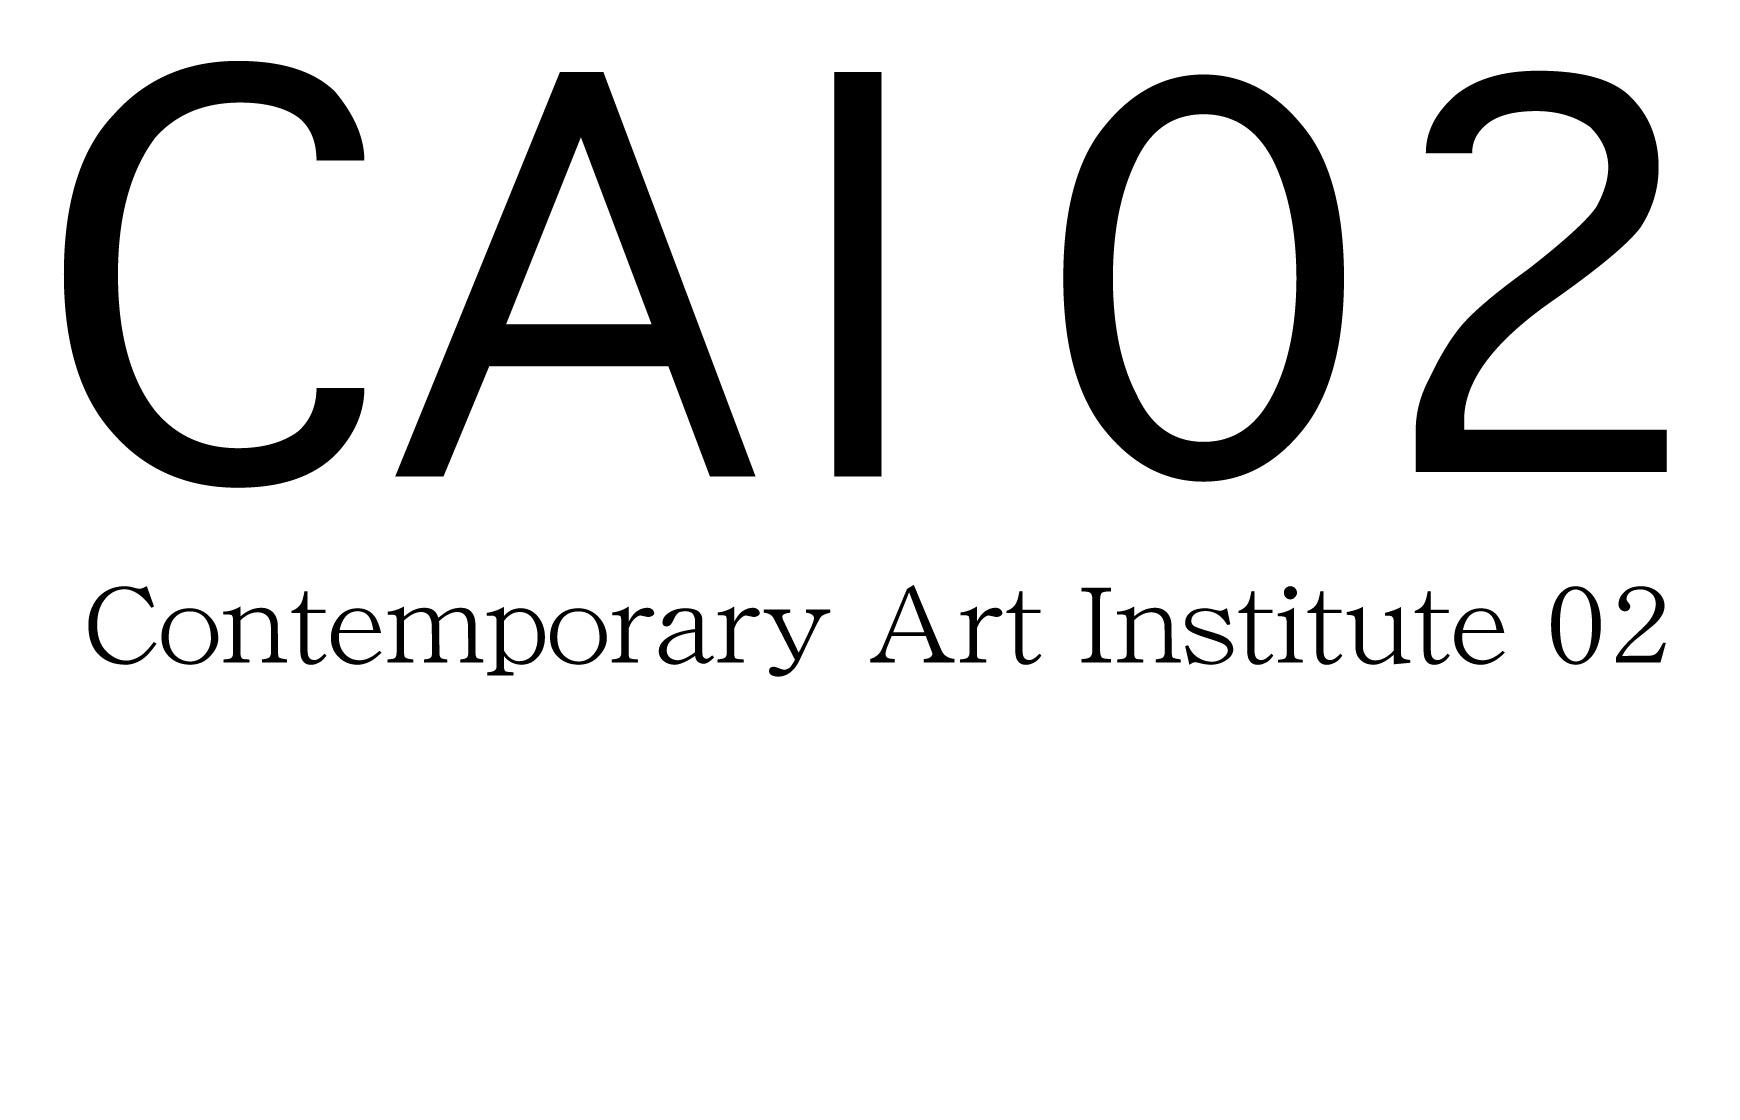 CAI現代芸術研究所/CAI02